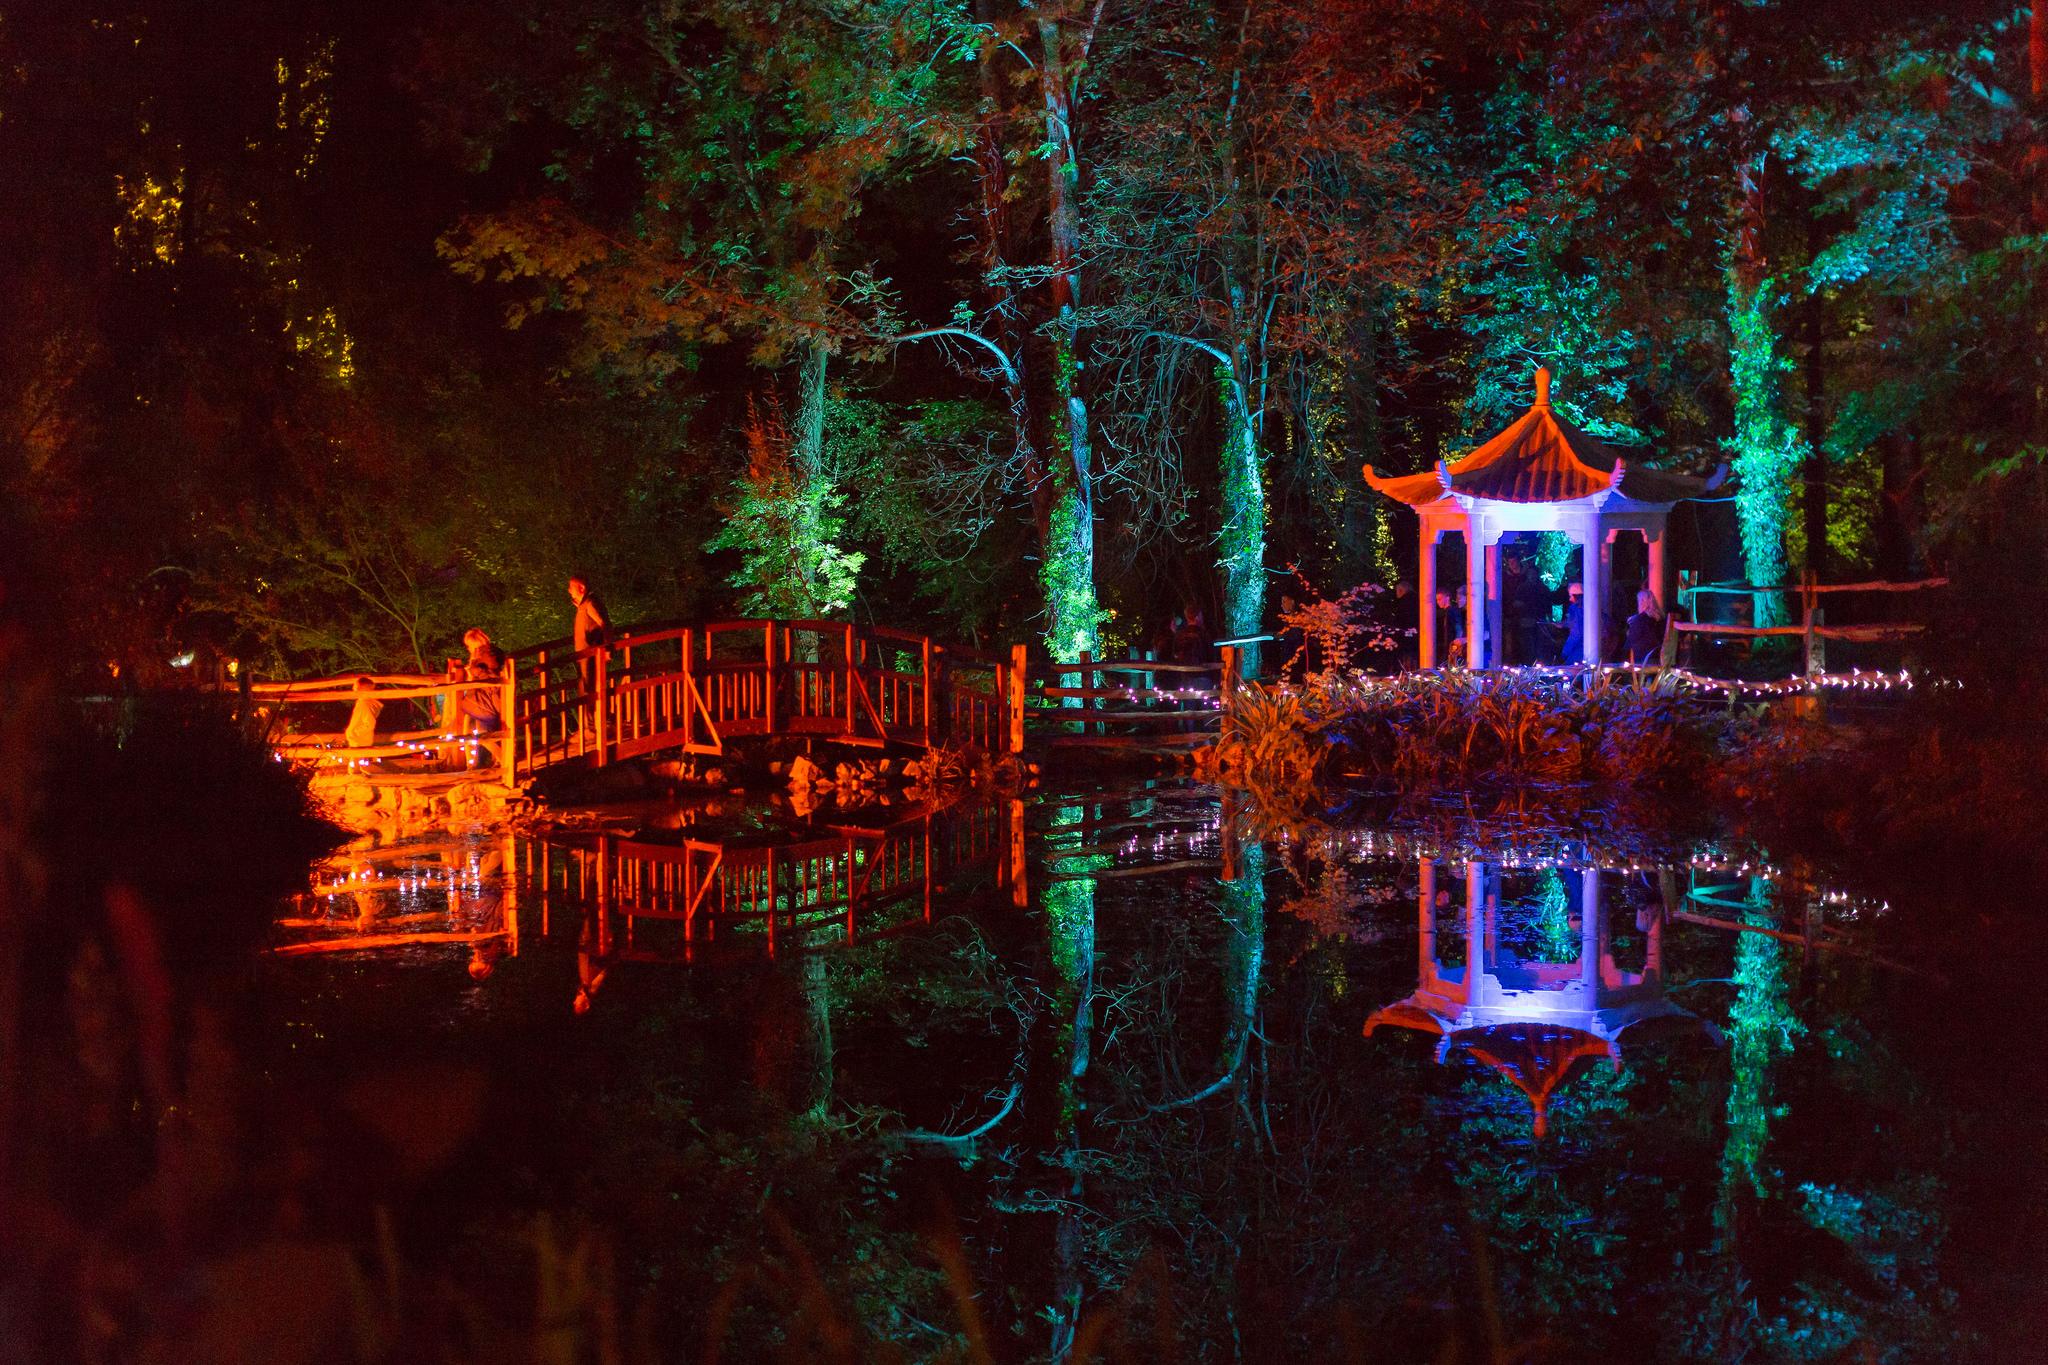 Festival of light at Robin Hill